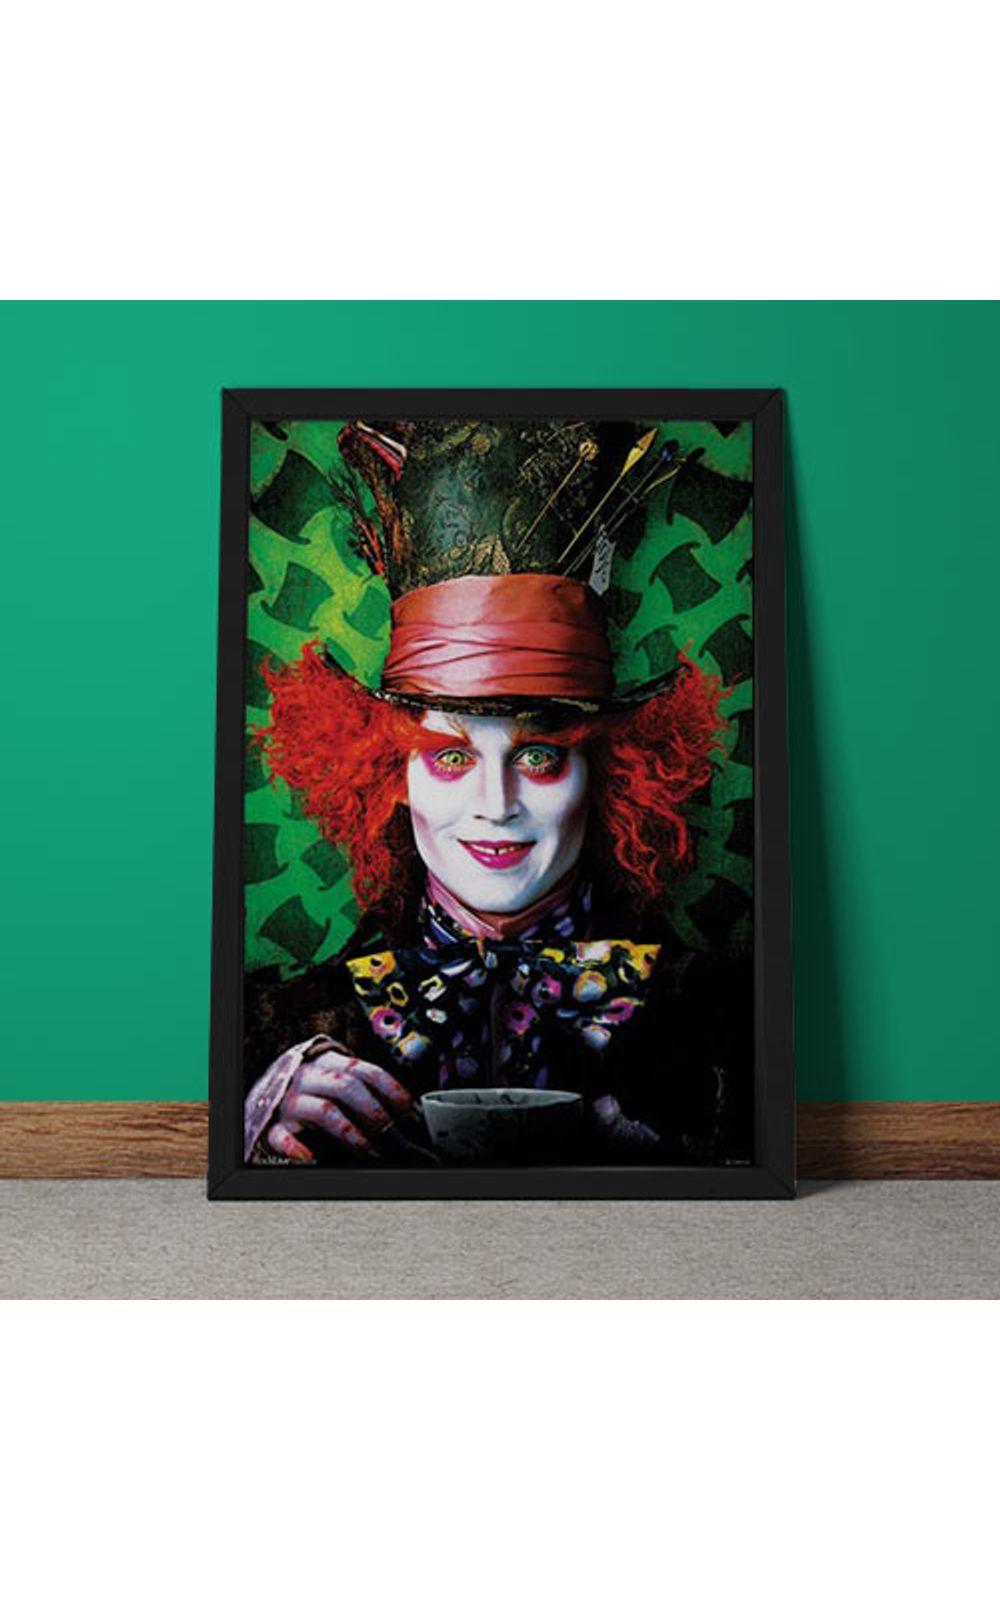 Foto 3 - Quadro Decorativo Johnny Depp Chapeleiro Maluco Alice No Pais Das Maravilhas